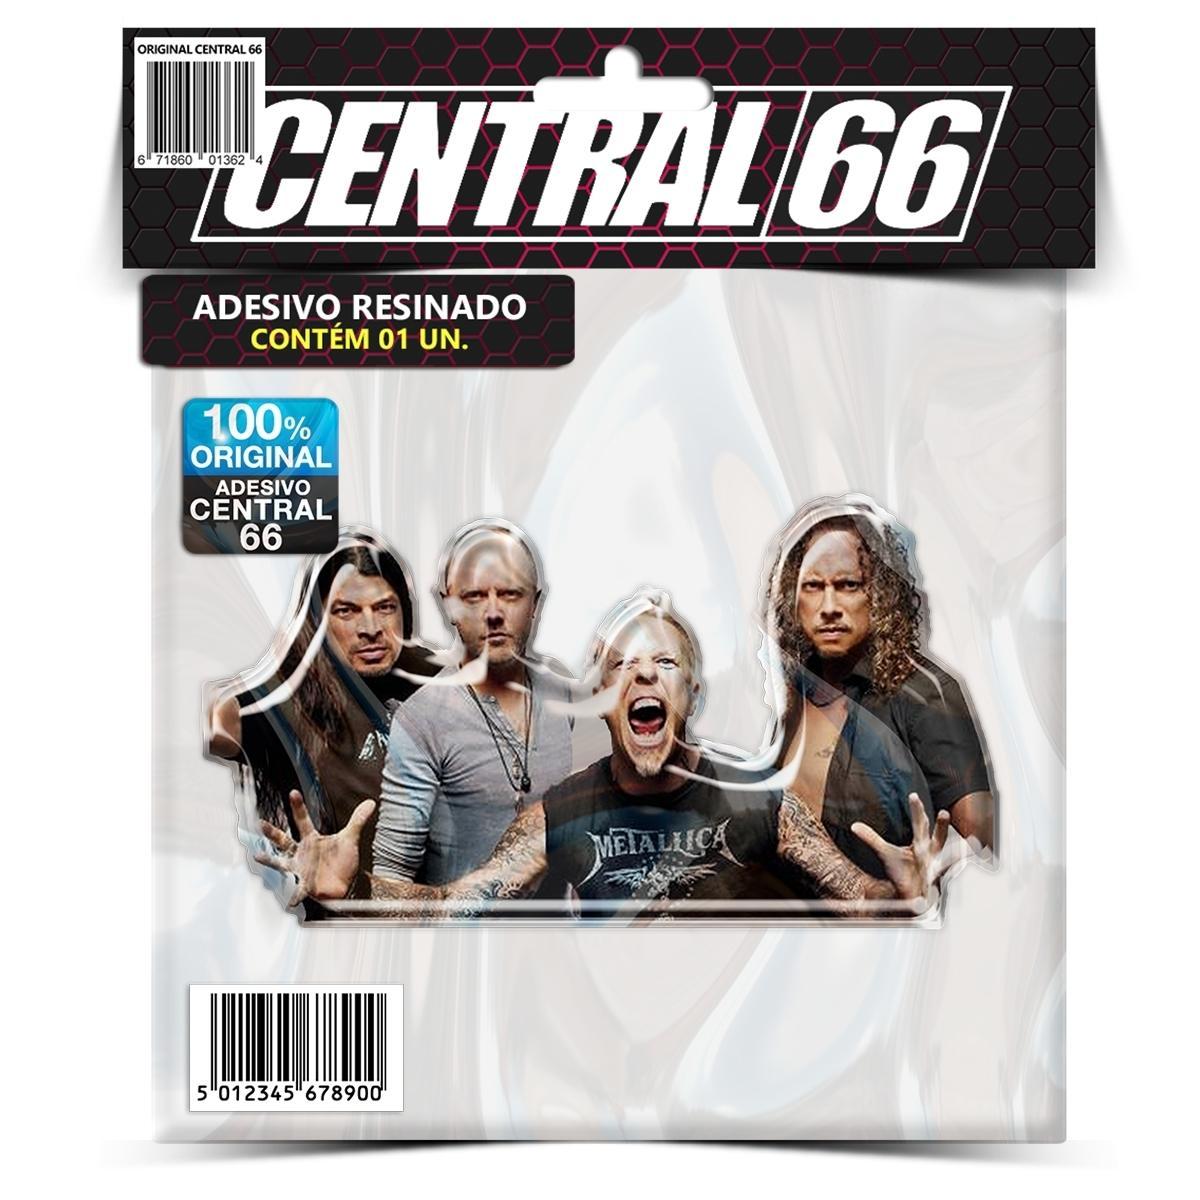 Adesivo Metallica 02 – Central 66